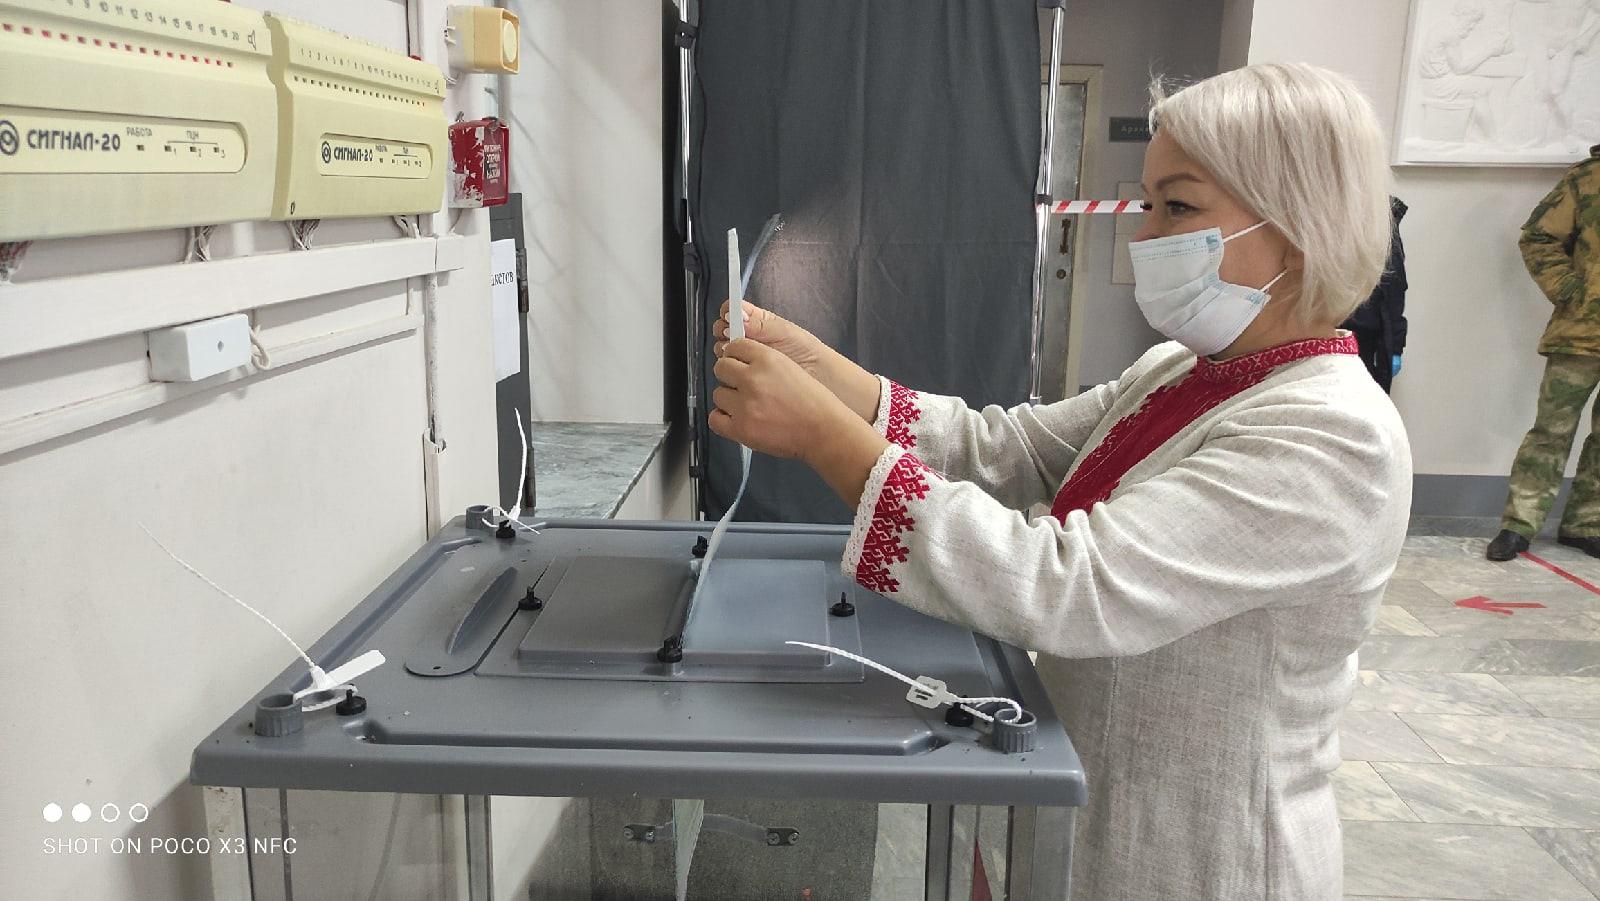 На выборах в Госдуму проголосовали руководитель Центра марийской культуры и мэр Йошкар-Олы